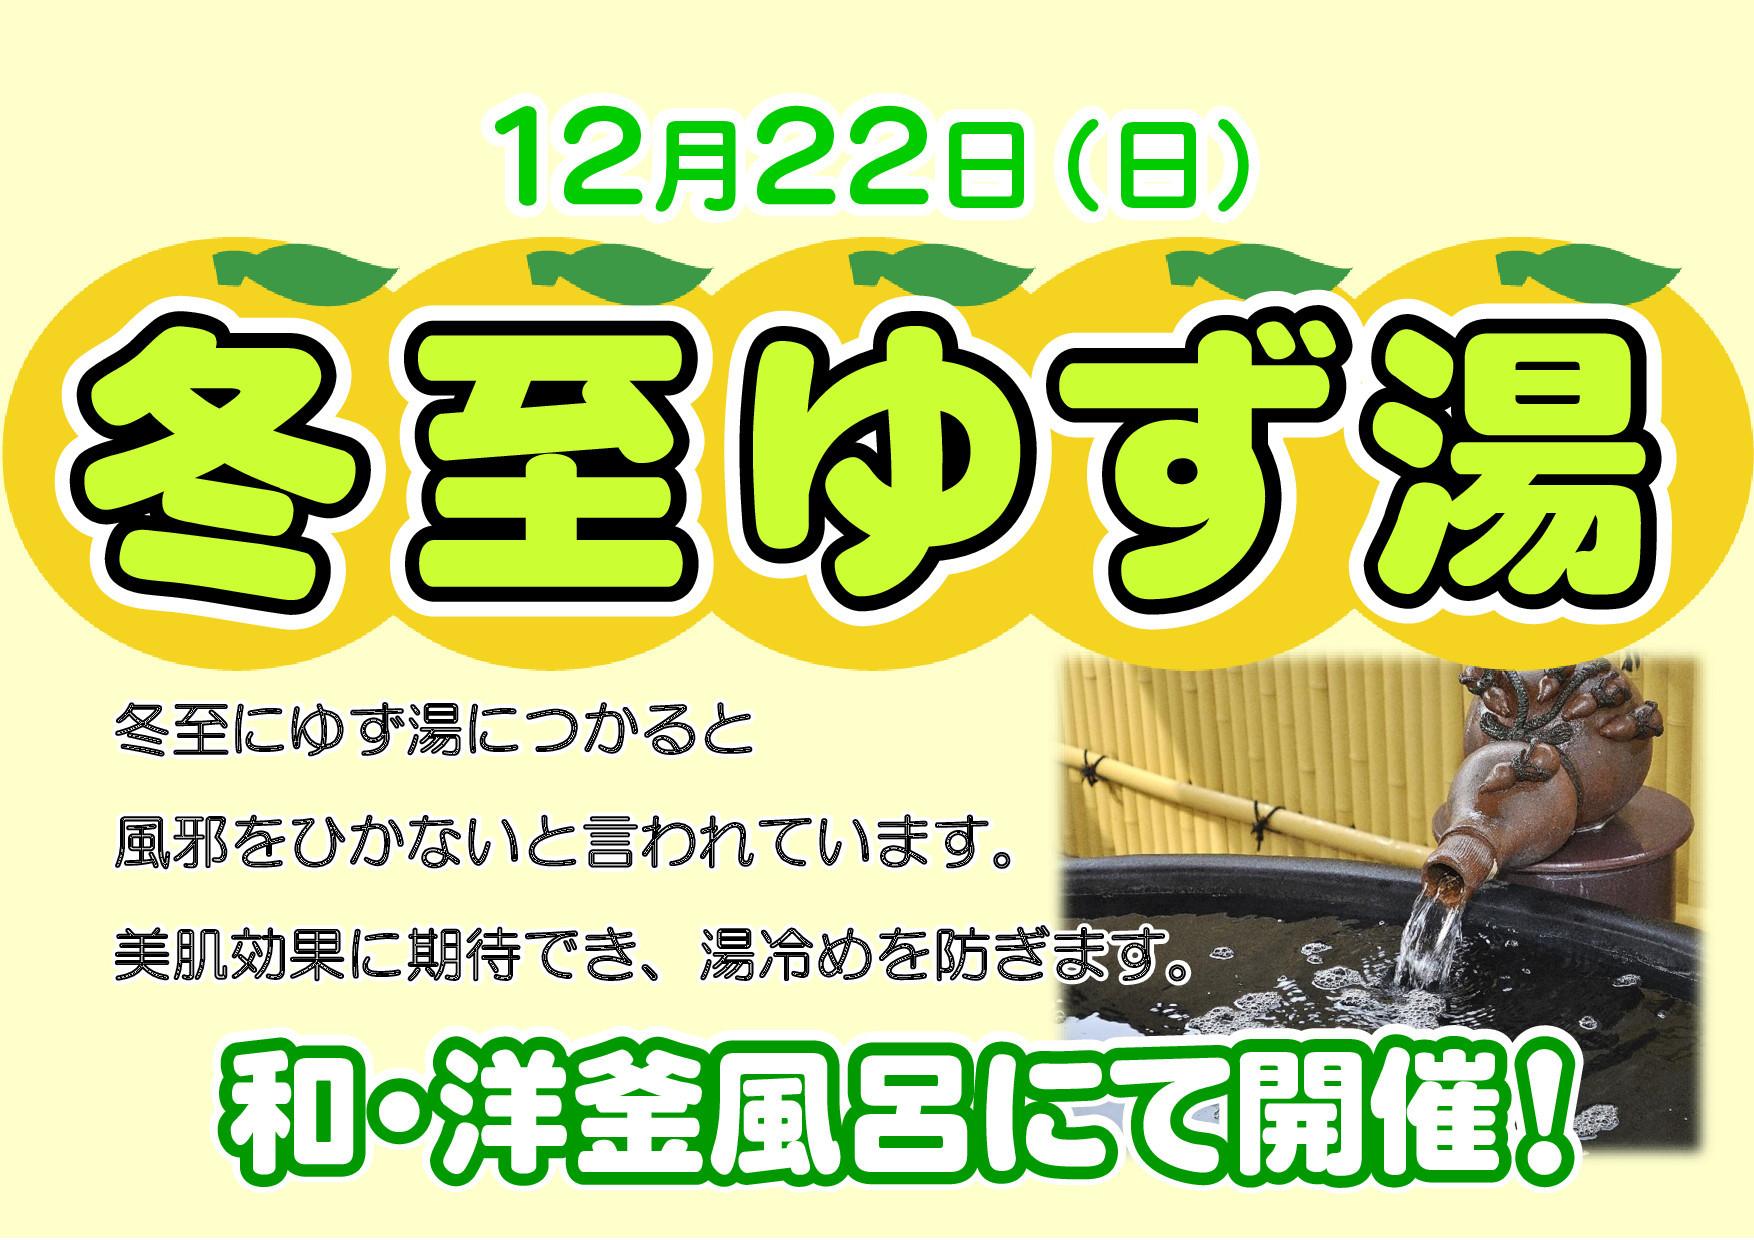 天然温泉めぐみの湯 イベントのご案内_c0141652_09104568.jpg